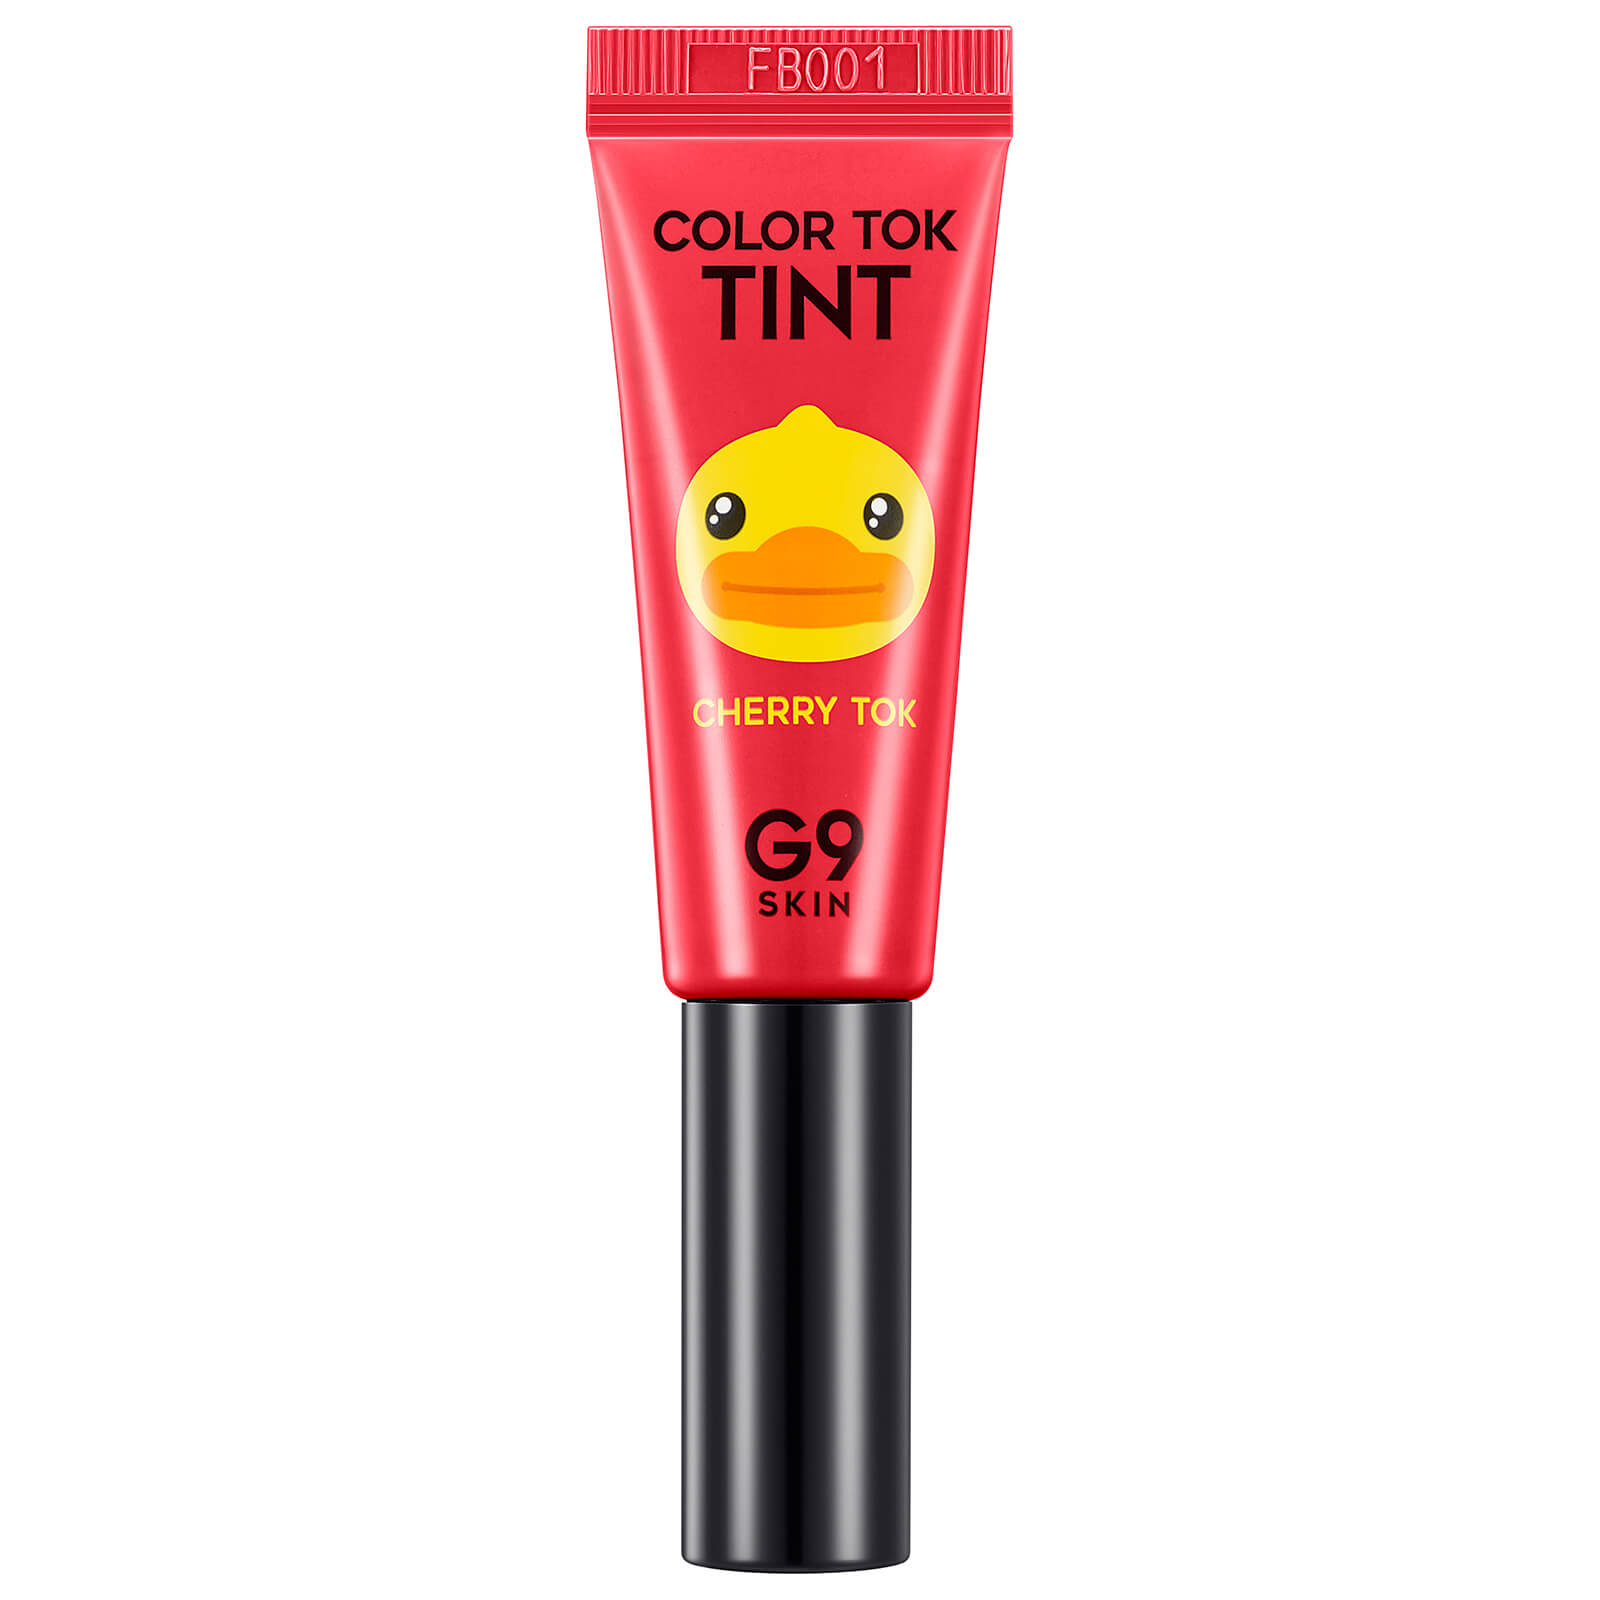 Тинт для губ G9SKIN Color Tok Tint 5 мл (различные оттенки) - 01. Cherry Tok  - Купить